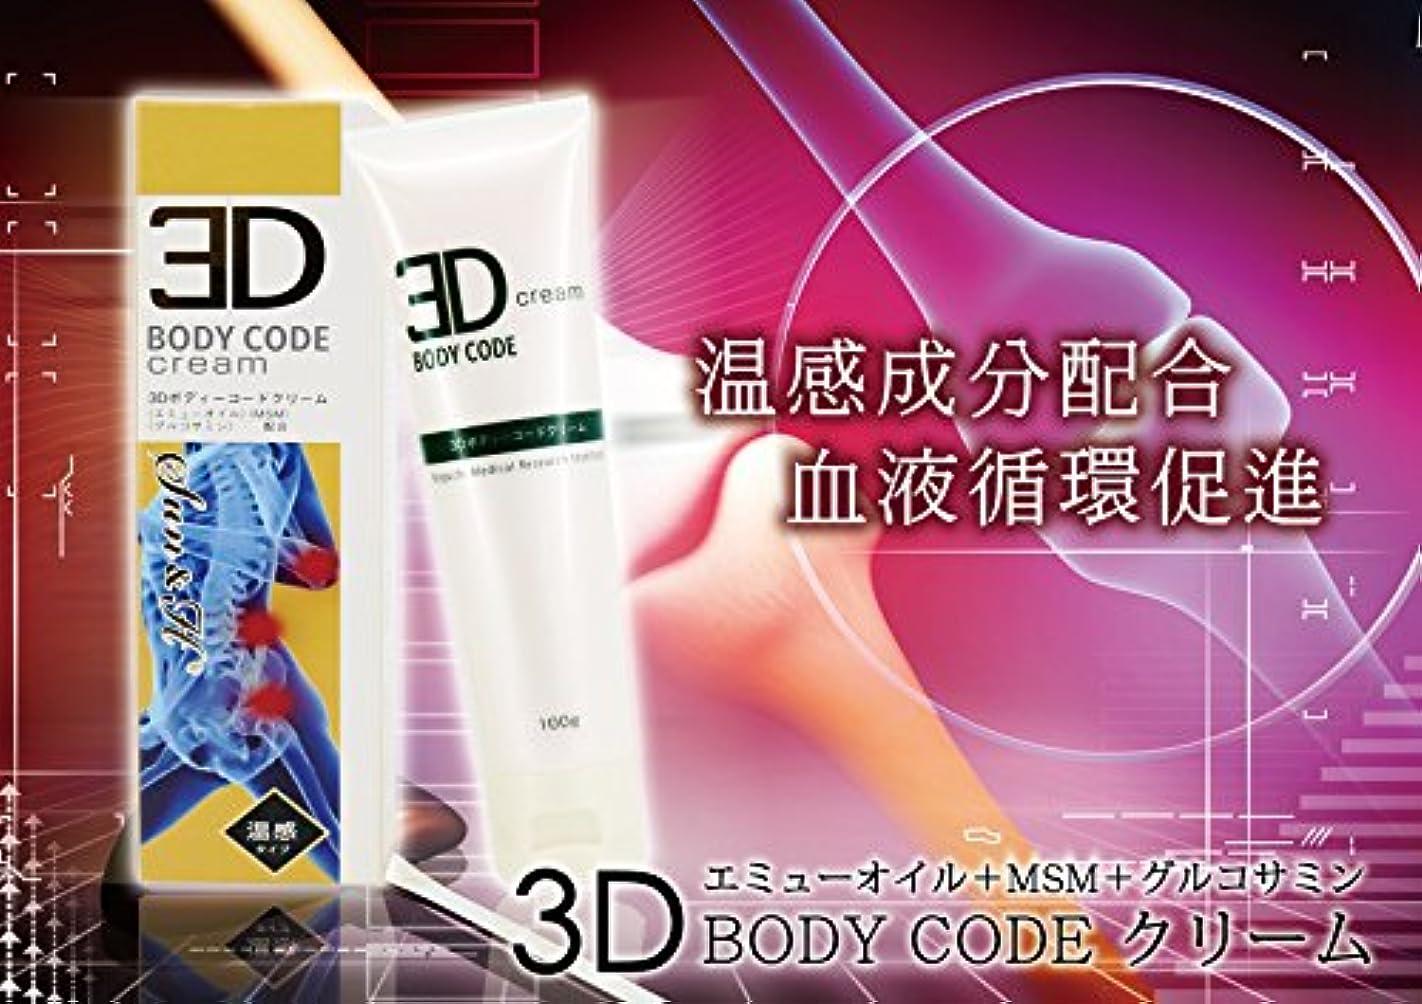 徴収姿勢調整◎日本製◎野口医学研究所 温感3Dボディコードクリーム 100g エミューオイル+MSM+グルコサミン